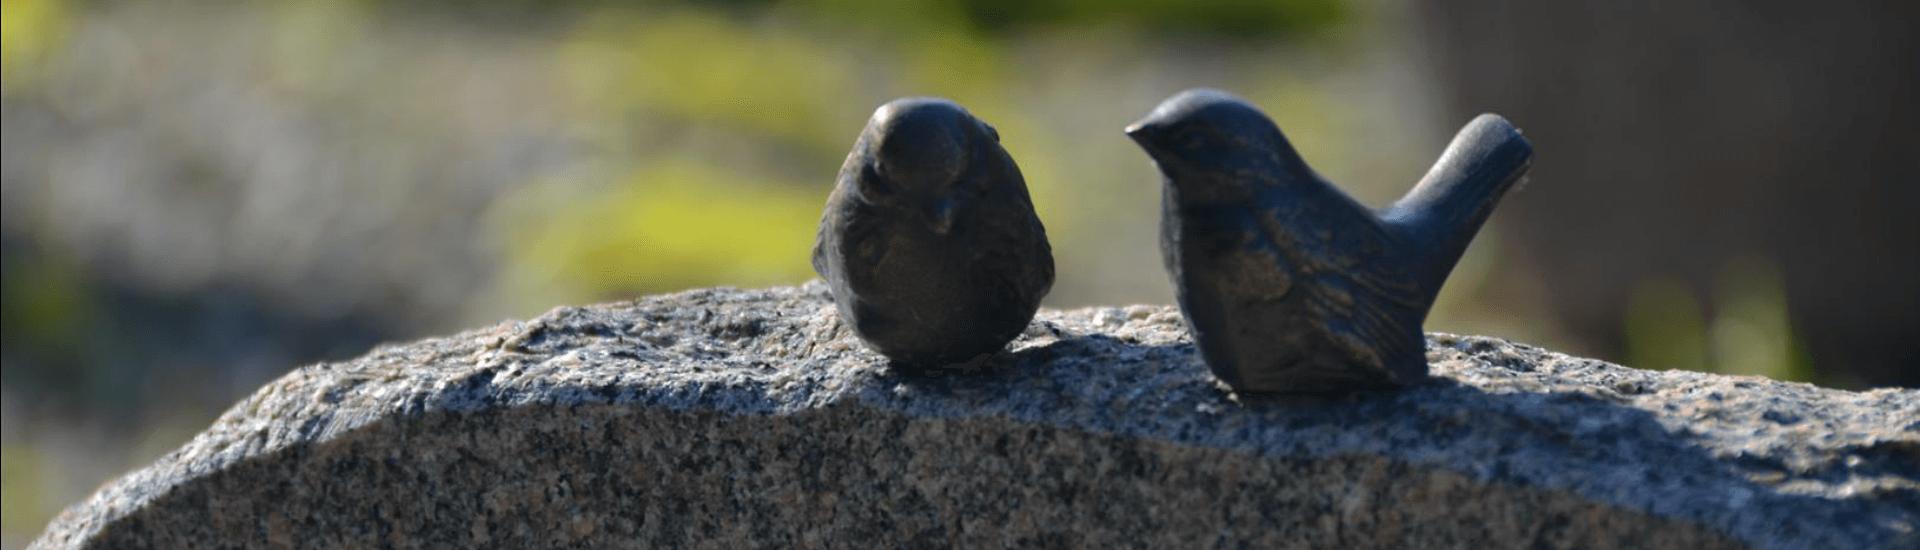 Gravsten med fugle på - Stenhugger i Svendborg, Vissenbjerg, Odense og på hele Fyn